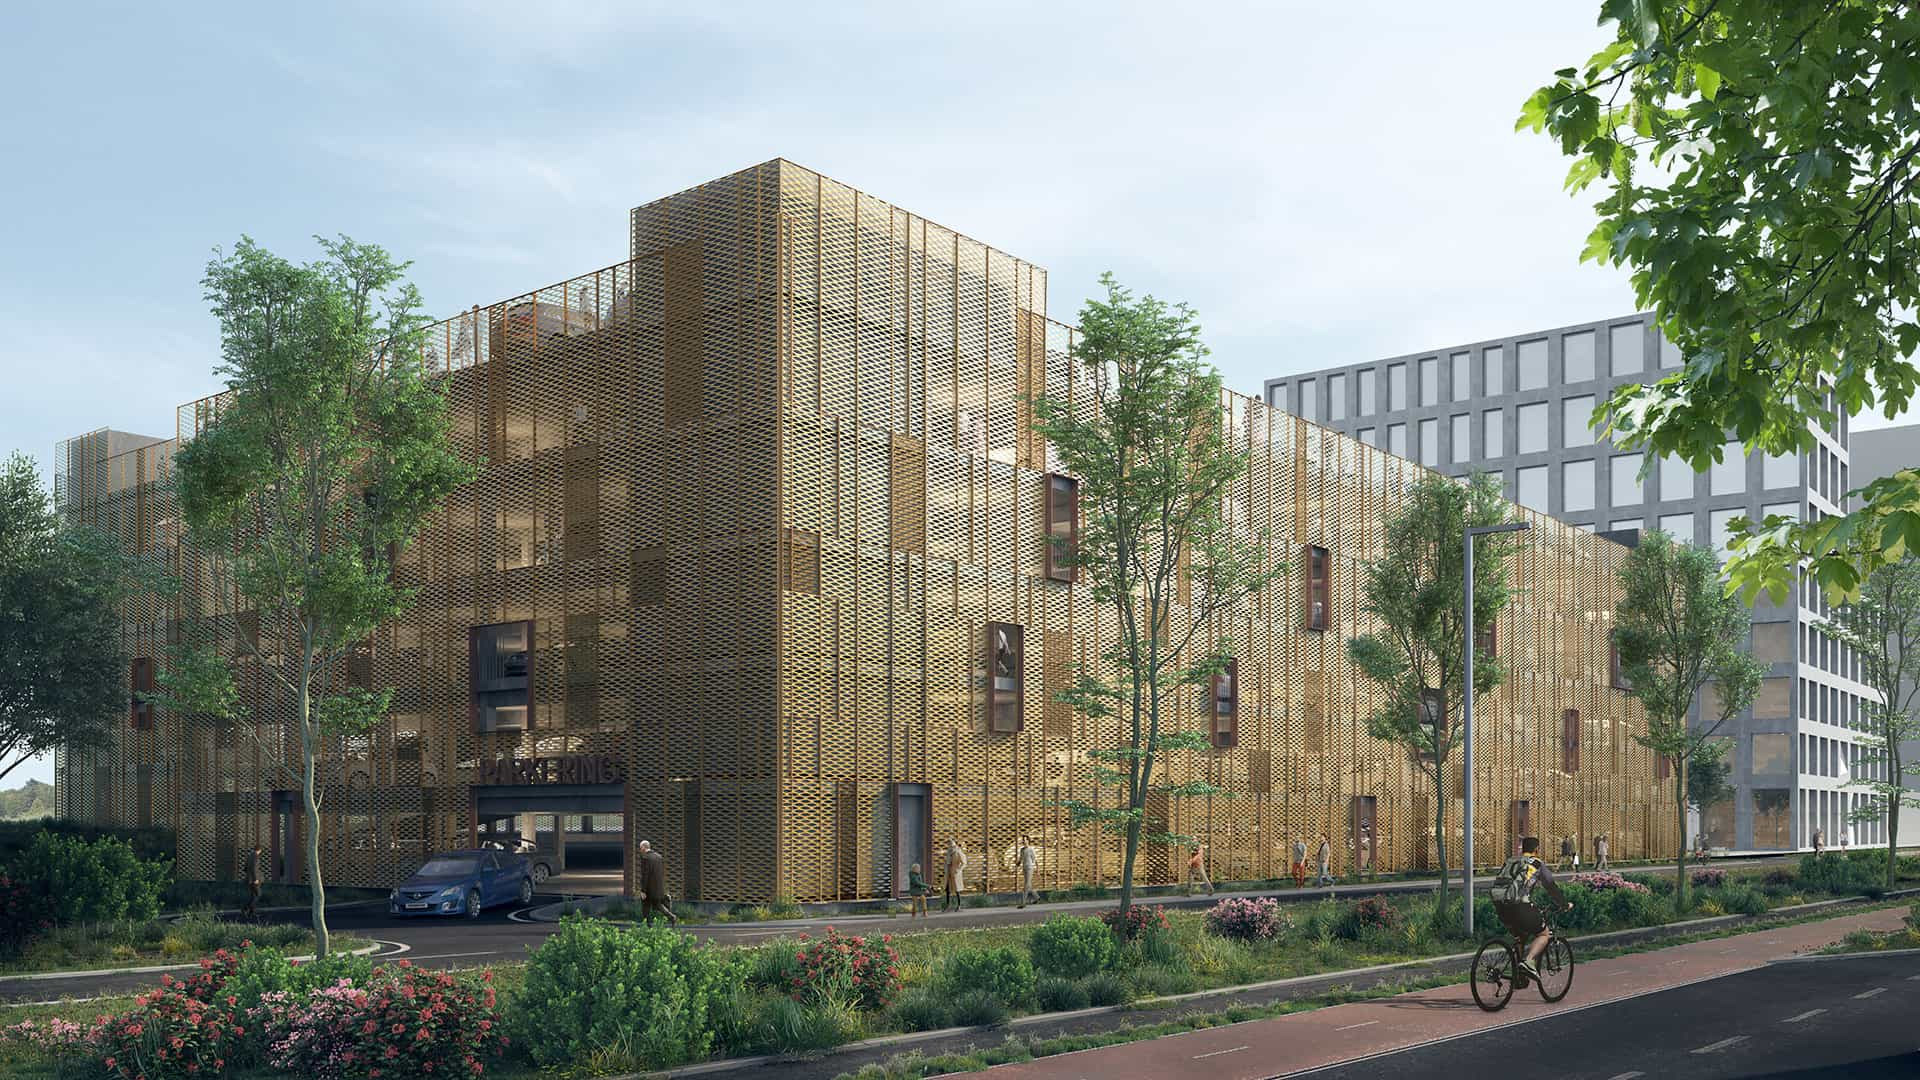 NCC Afleverer Parkeringshus Opført Efter Eget Koncept I Ny Bydel